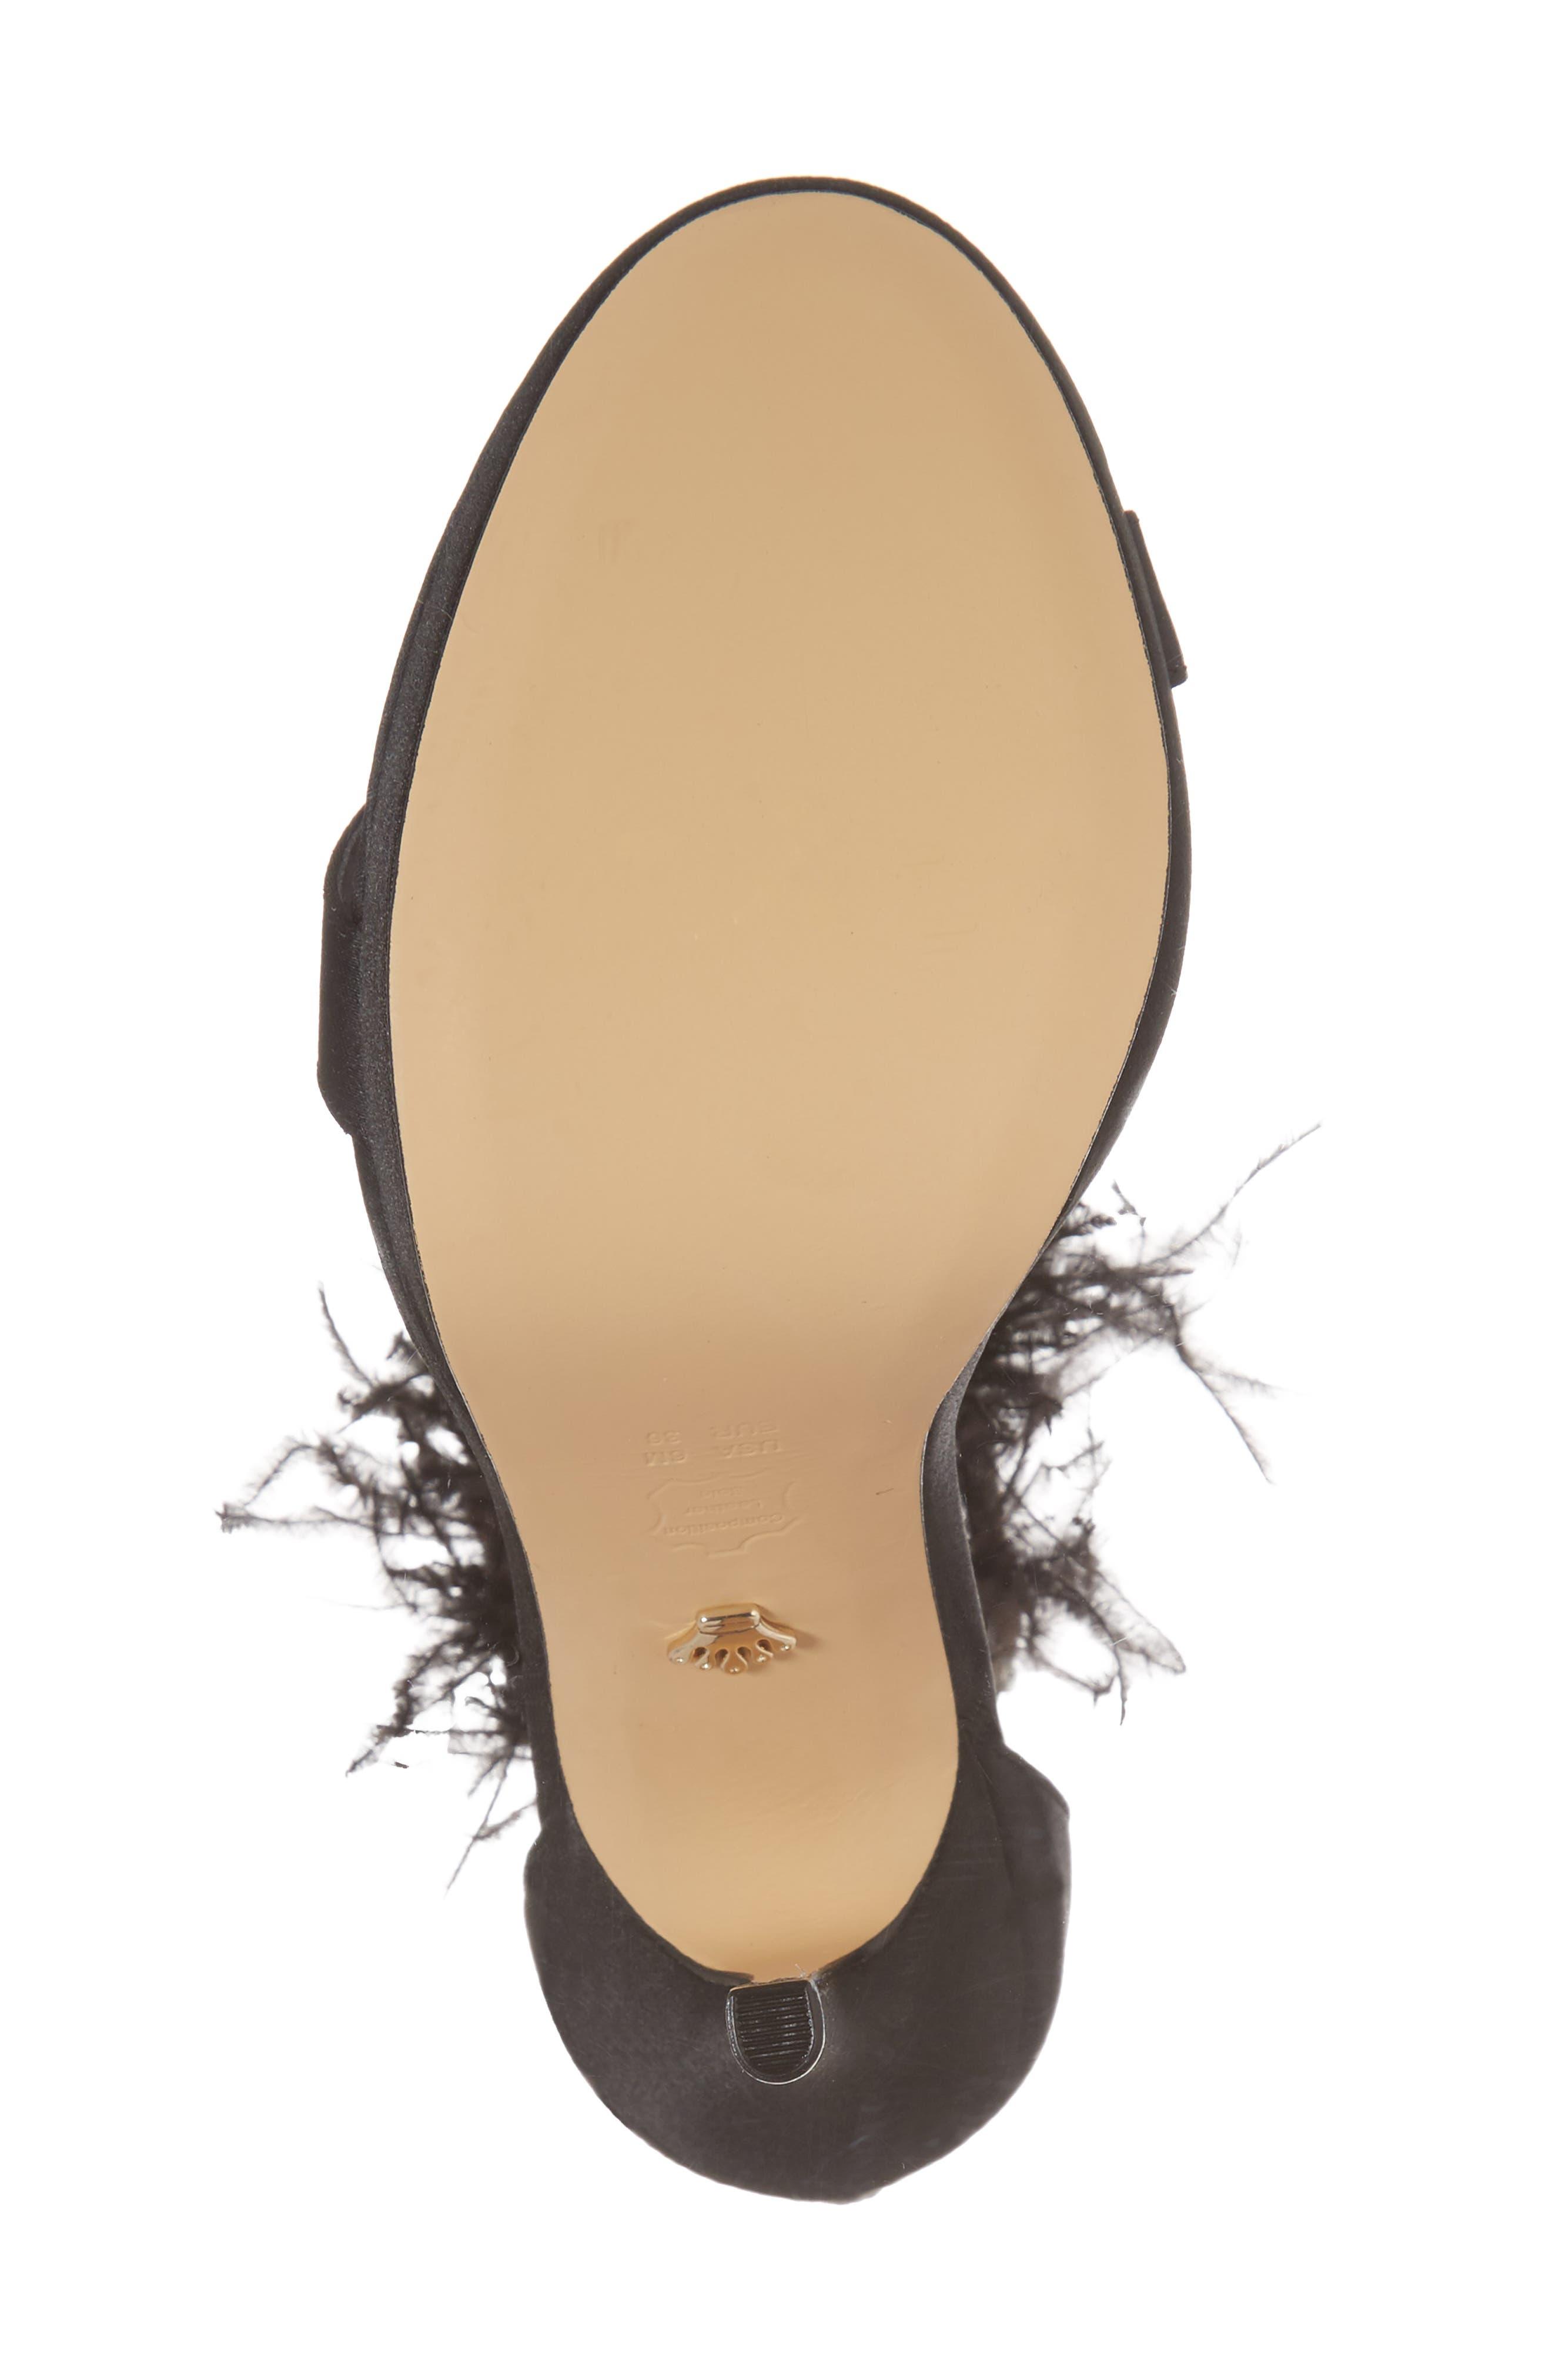 Fran Embellished Feather Sandal,                             Alternate thumbnail 6, color,                             BLACK SATIN